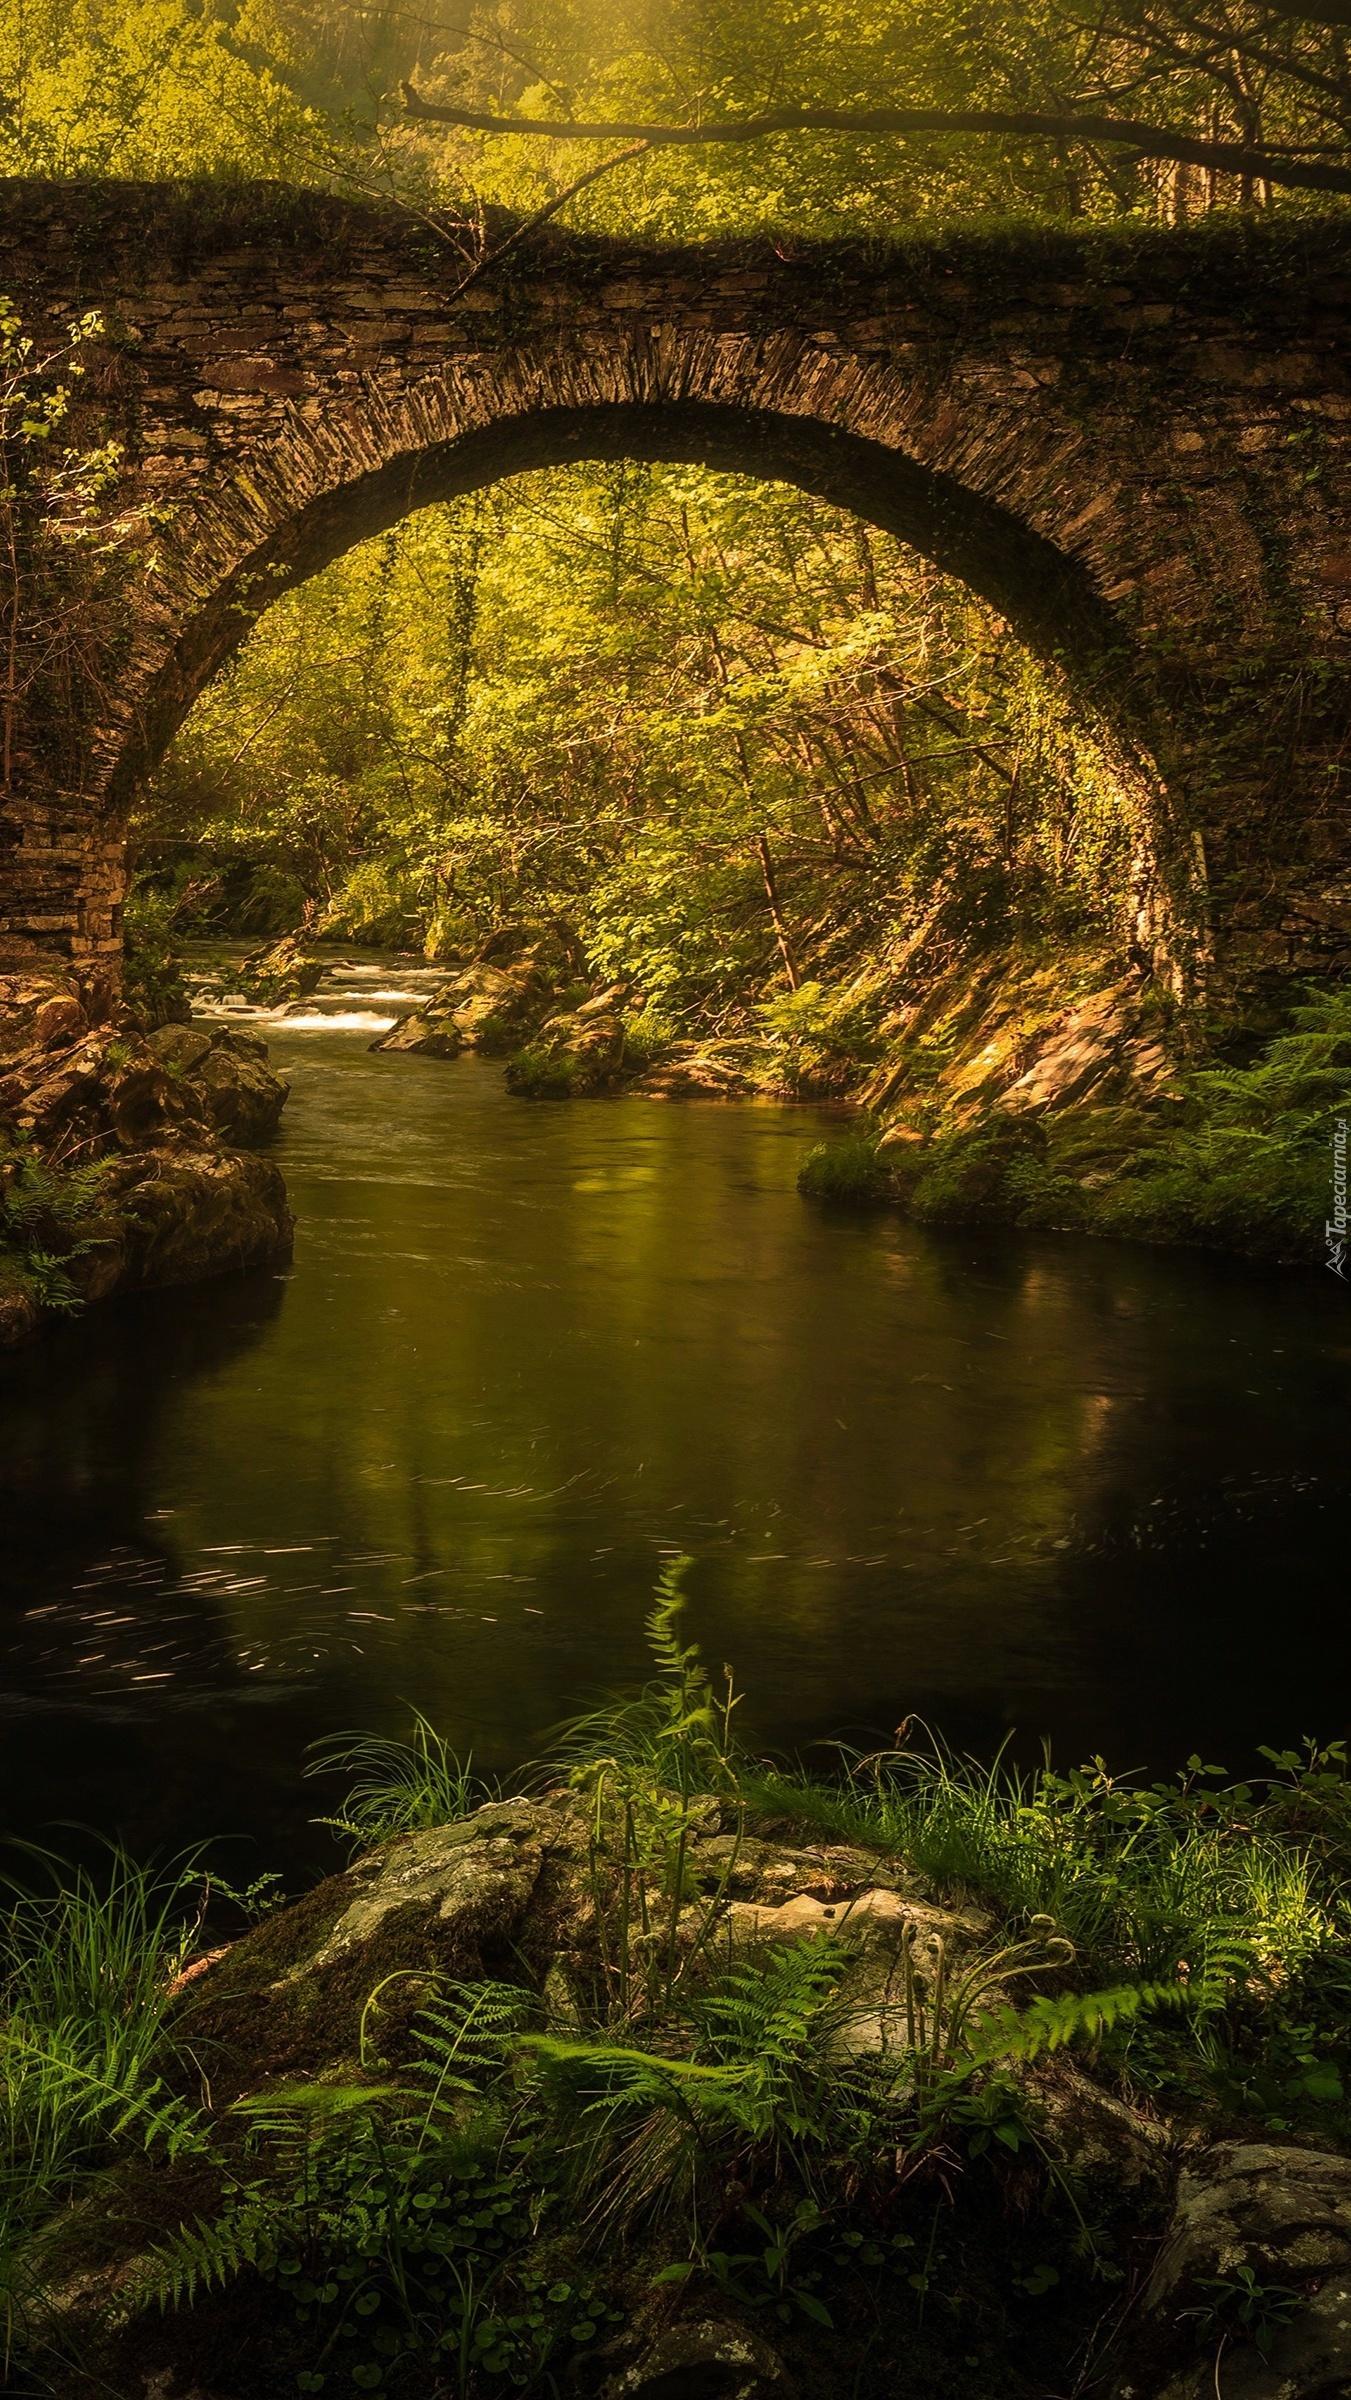 Kamienny most łukowy